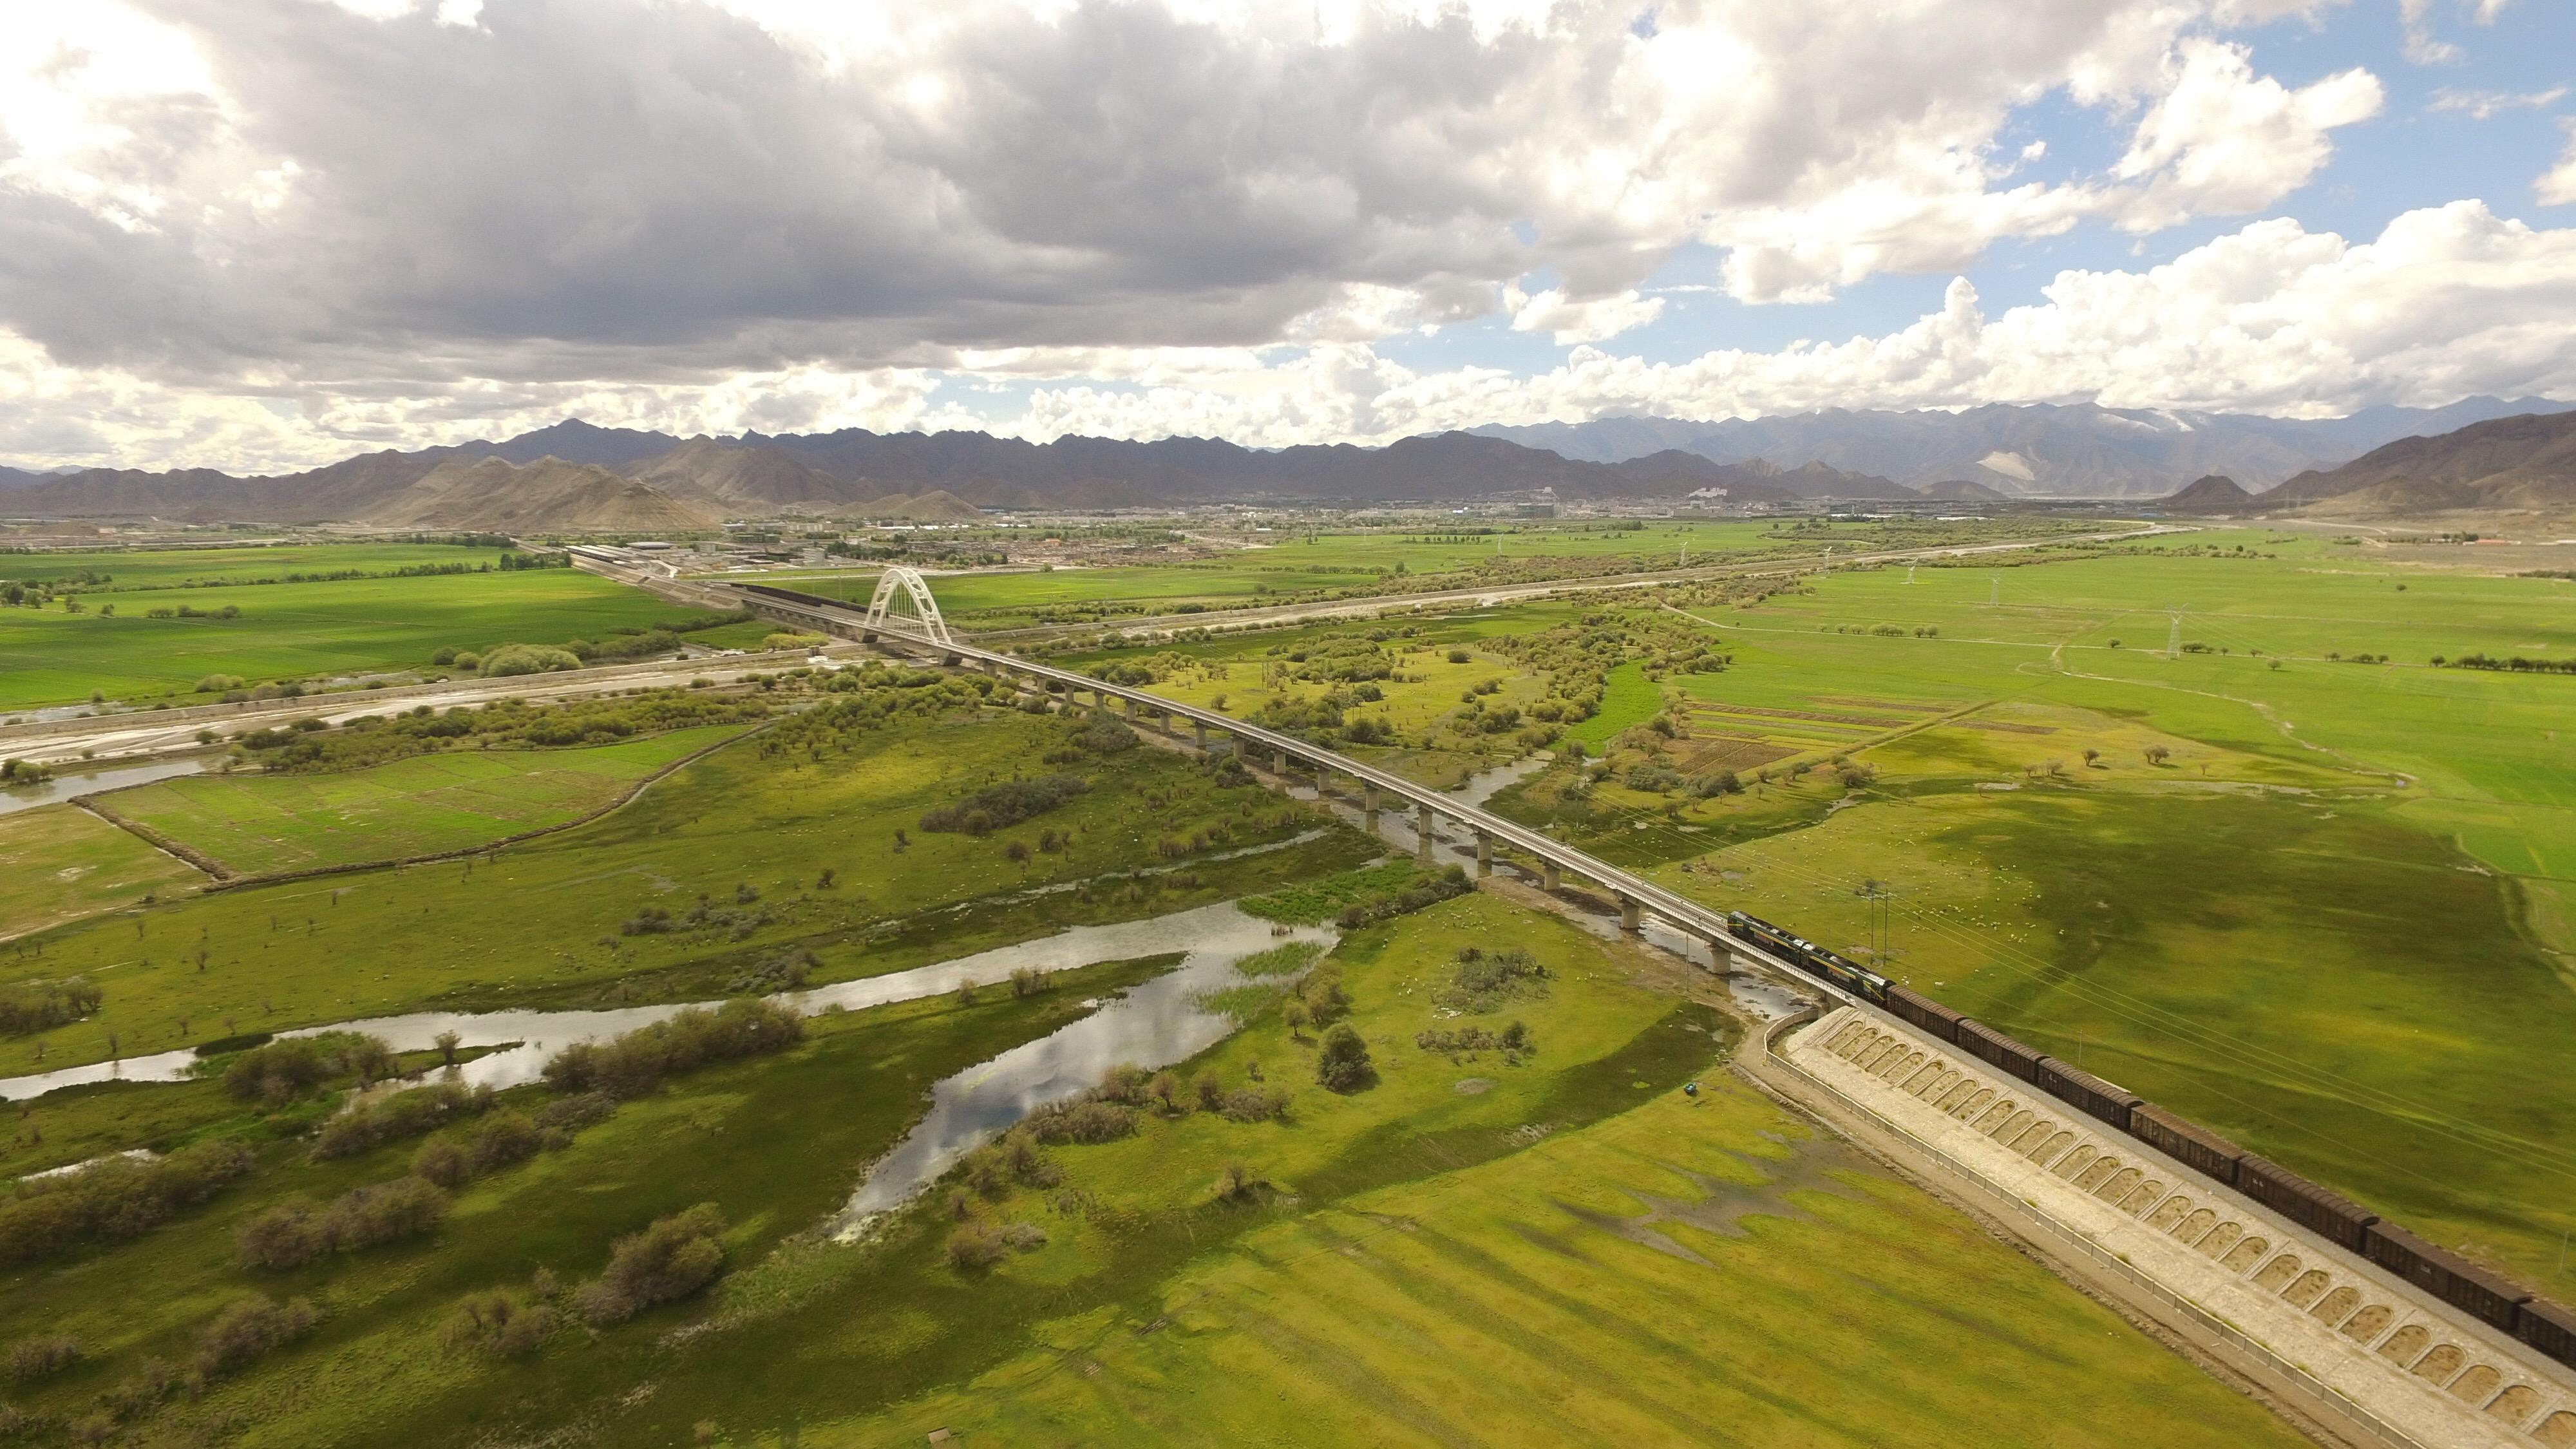 鸟瞰壮美青藏铁路